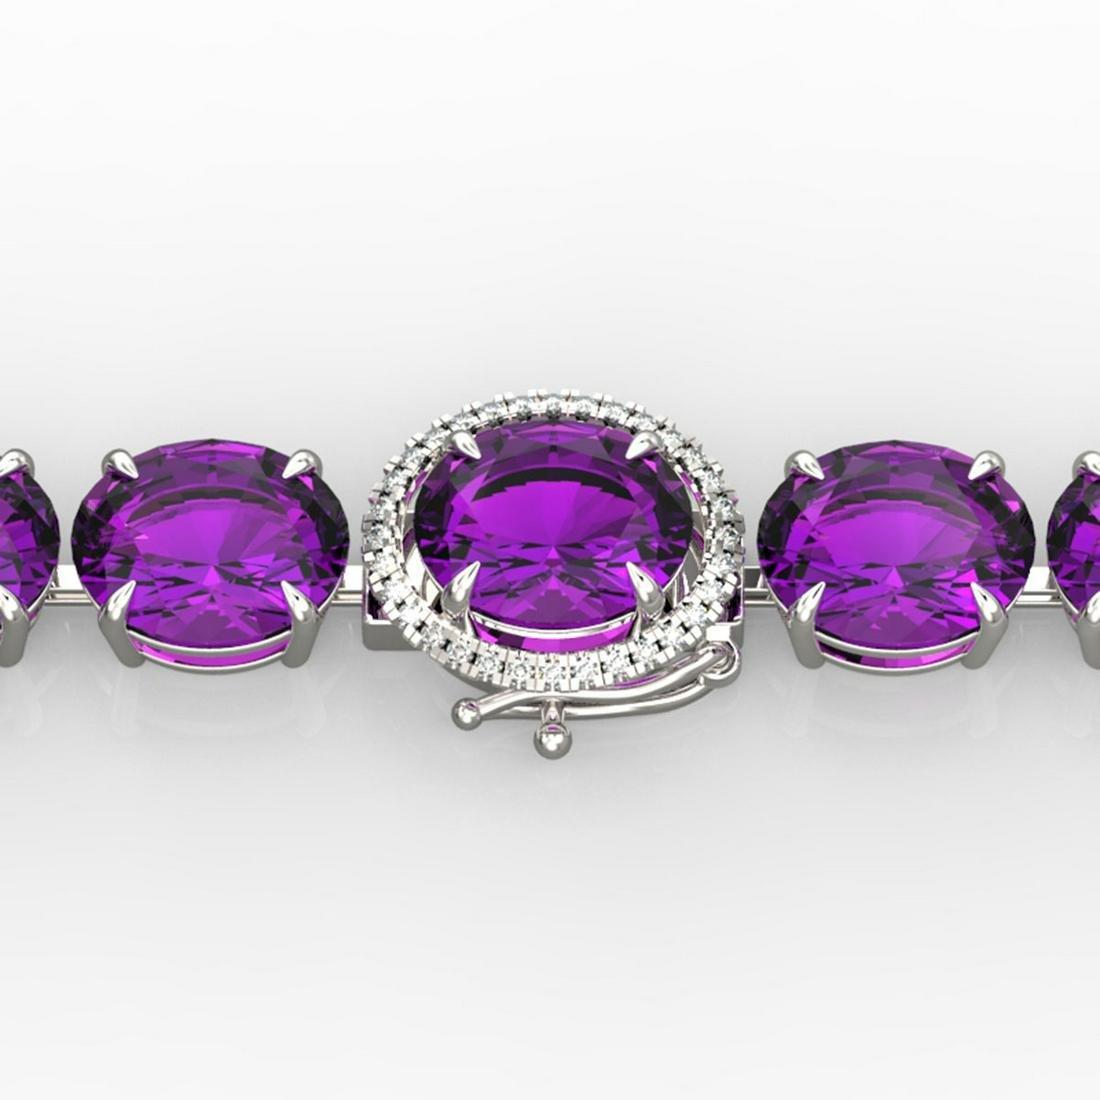 78 ctw Amethyst & Diamond Bracelet 14K White Gold -